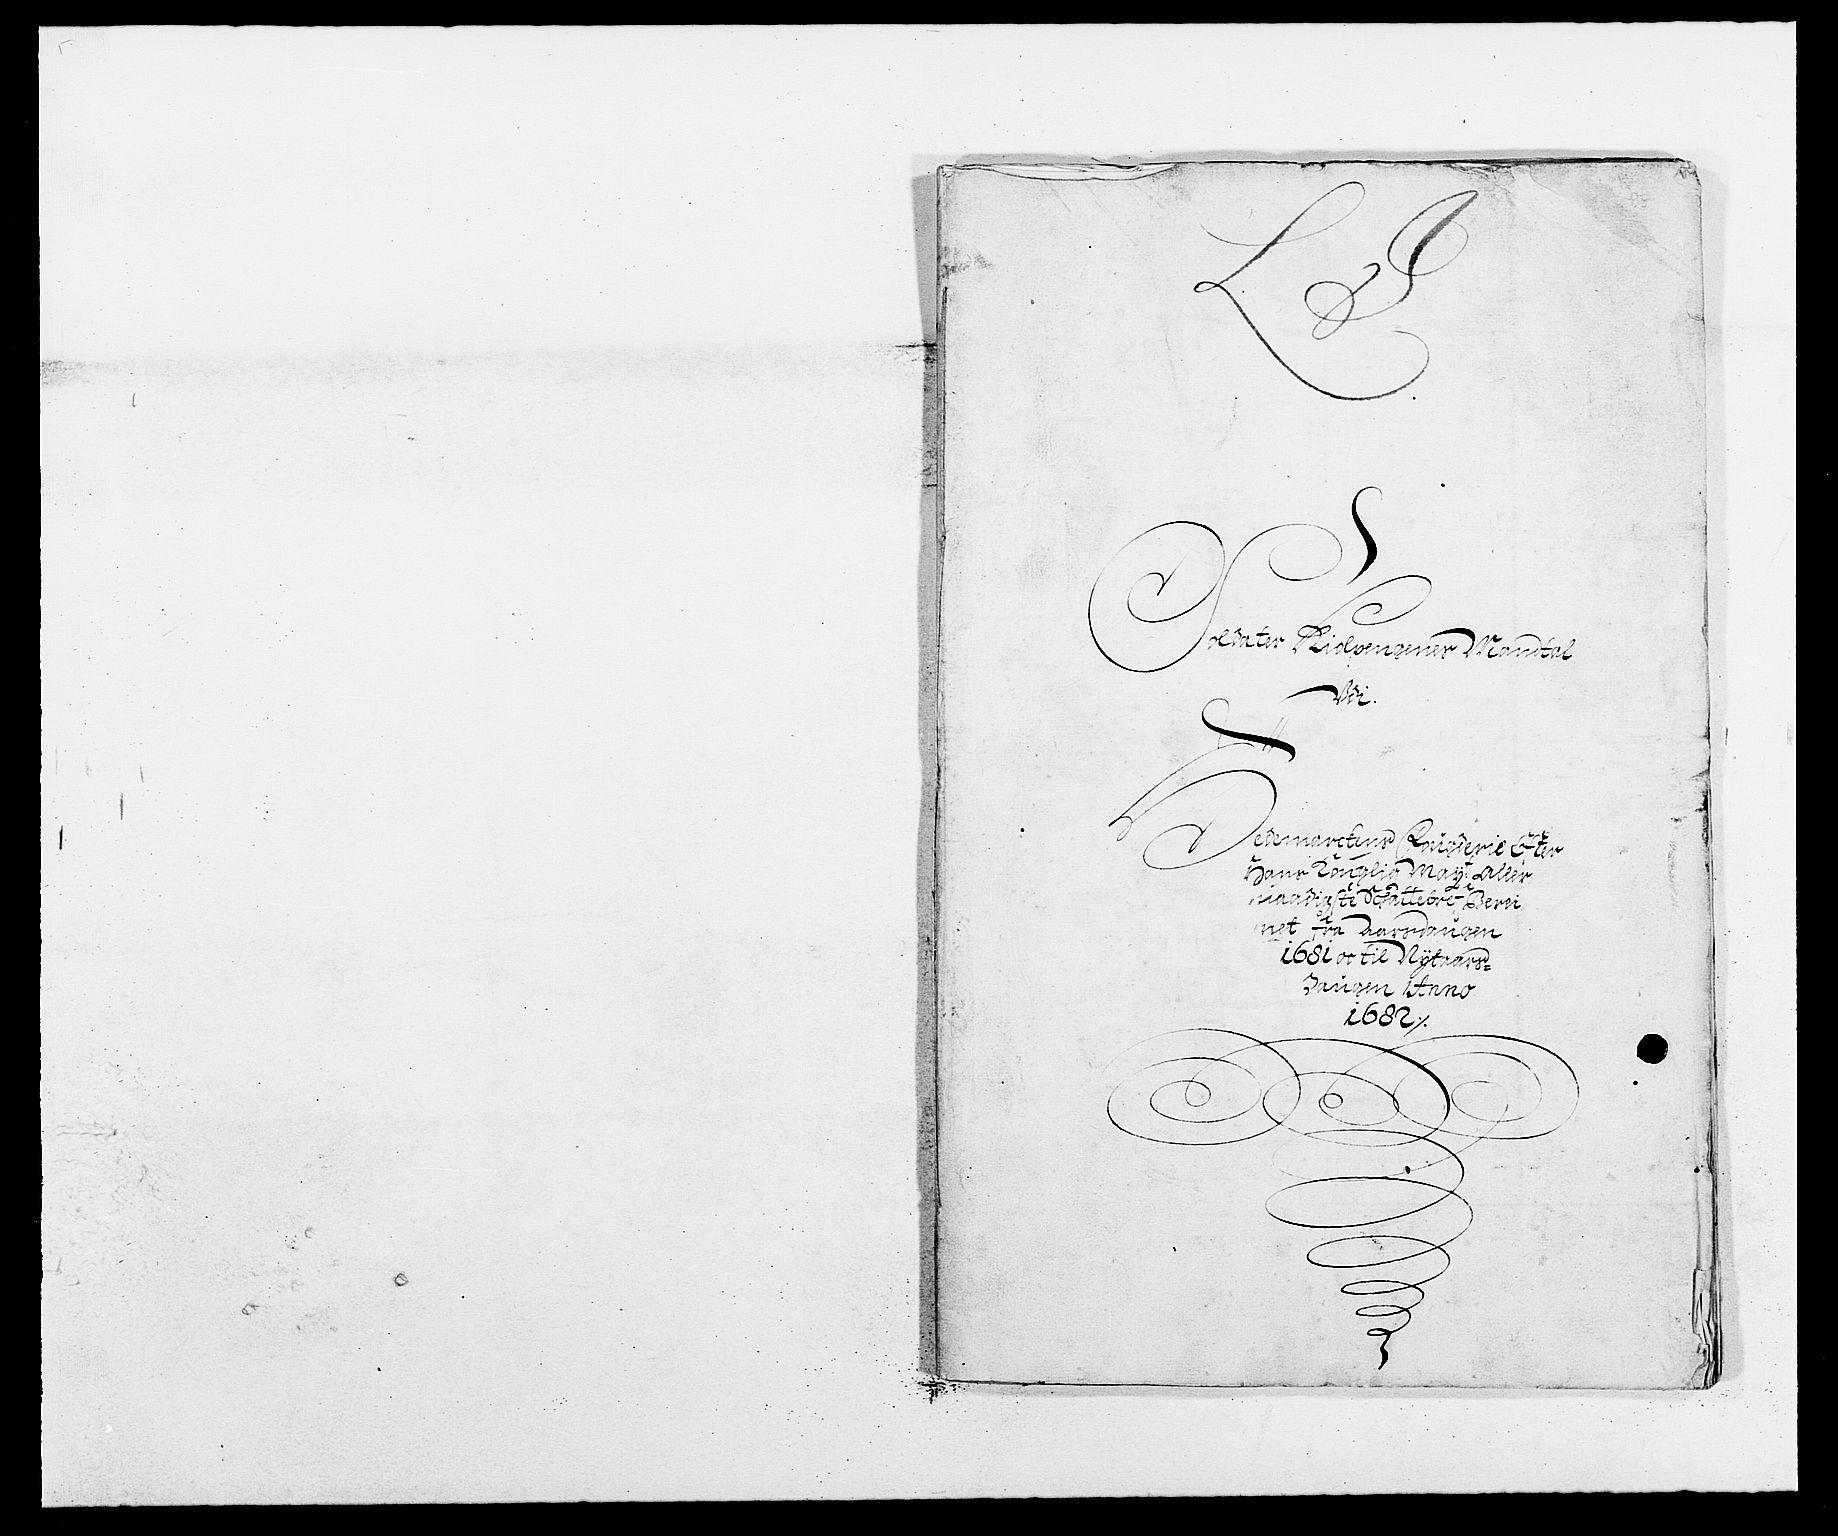 RA, Rentekammeret inntil 1814, Reviderte regnskaper, Fogderegnskap, R16/L1021: Fogderegnskap Hedmark, 1681, s. 302